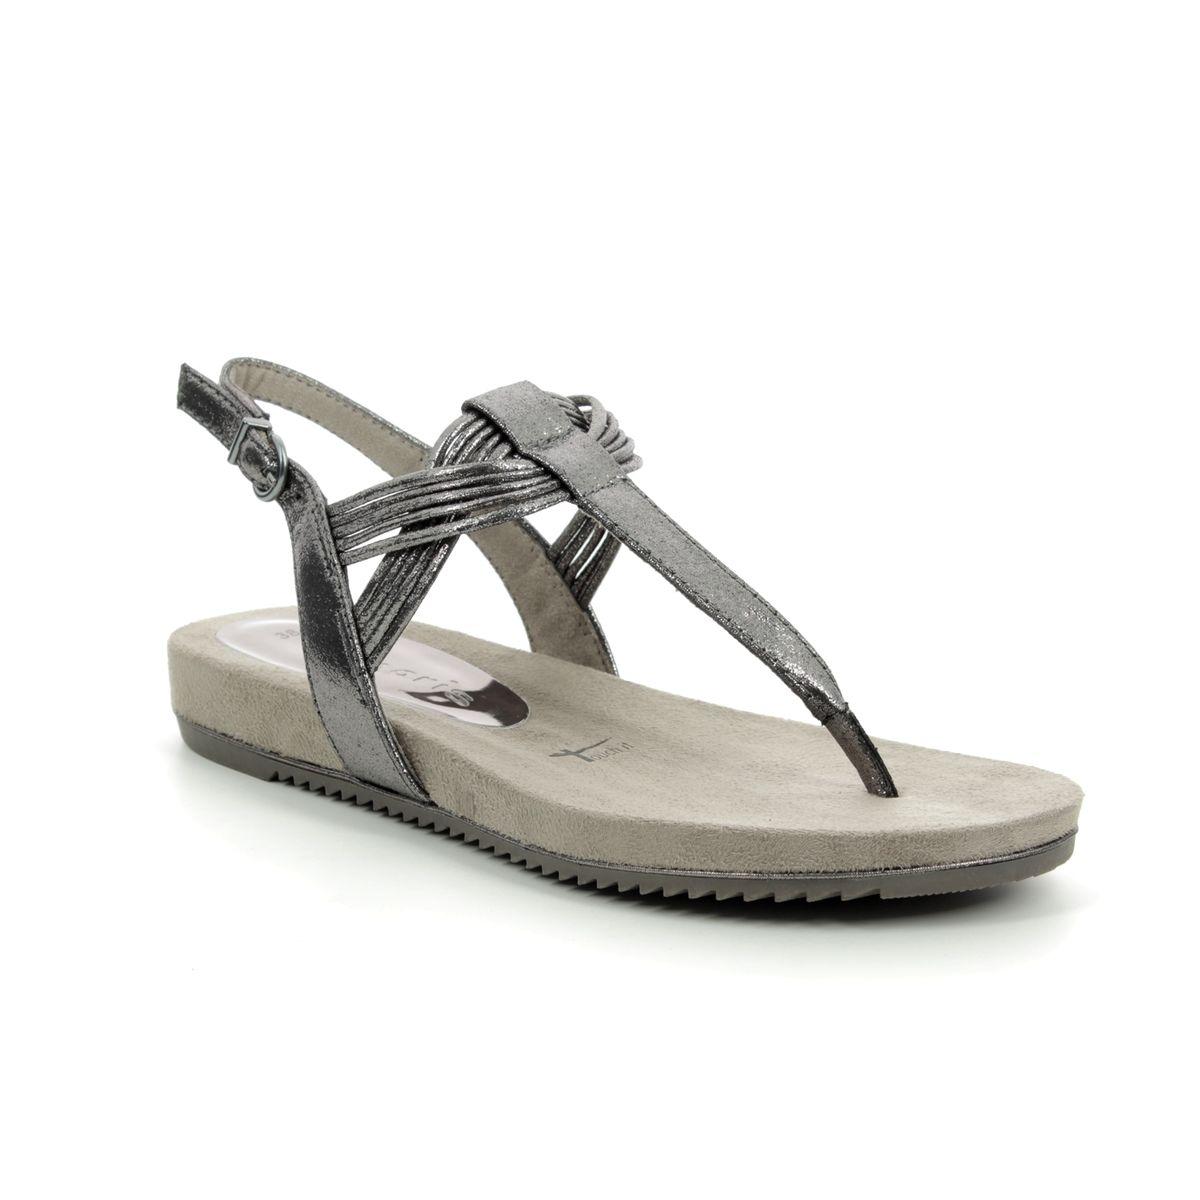 19bc516dd3b Tamaris Flat Sandals - Metallic - 28107/22/915 LOCUSTI